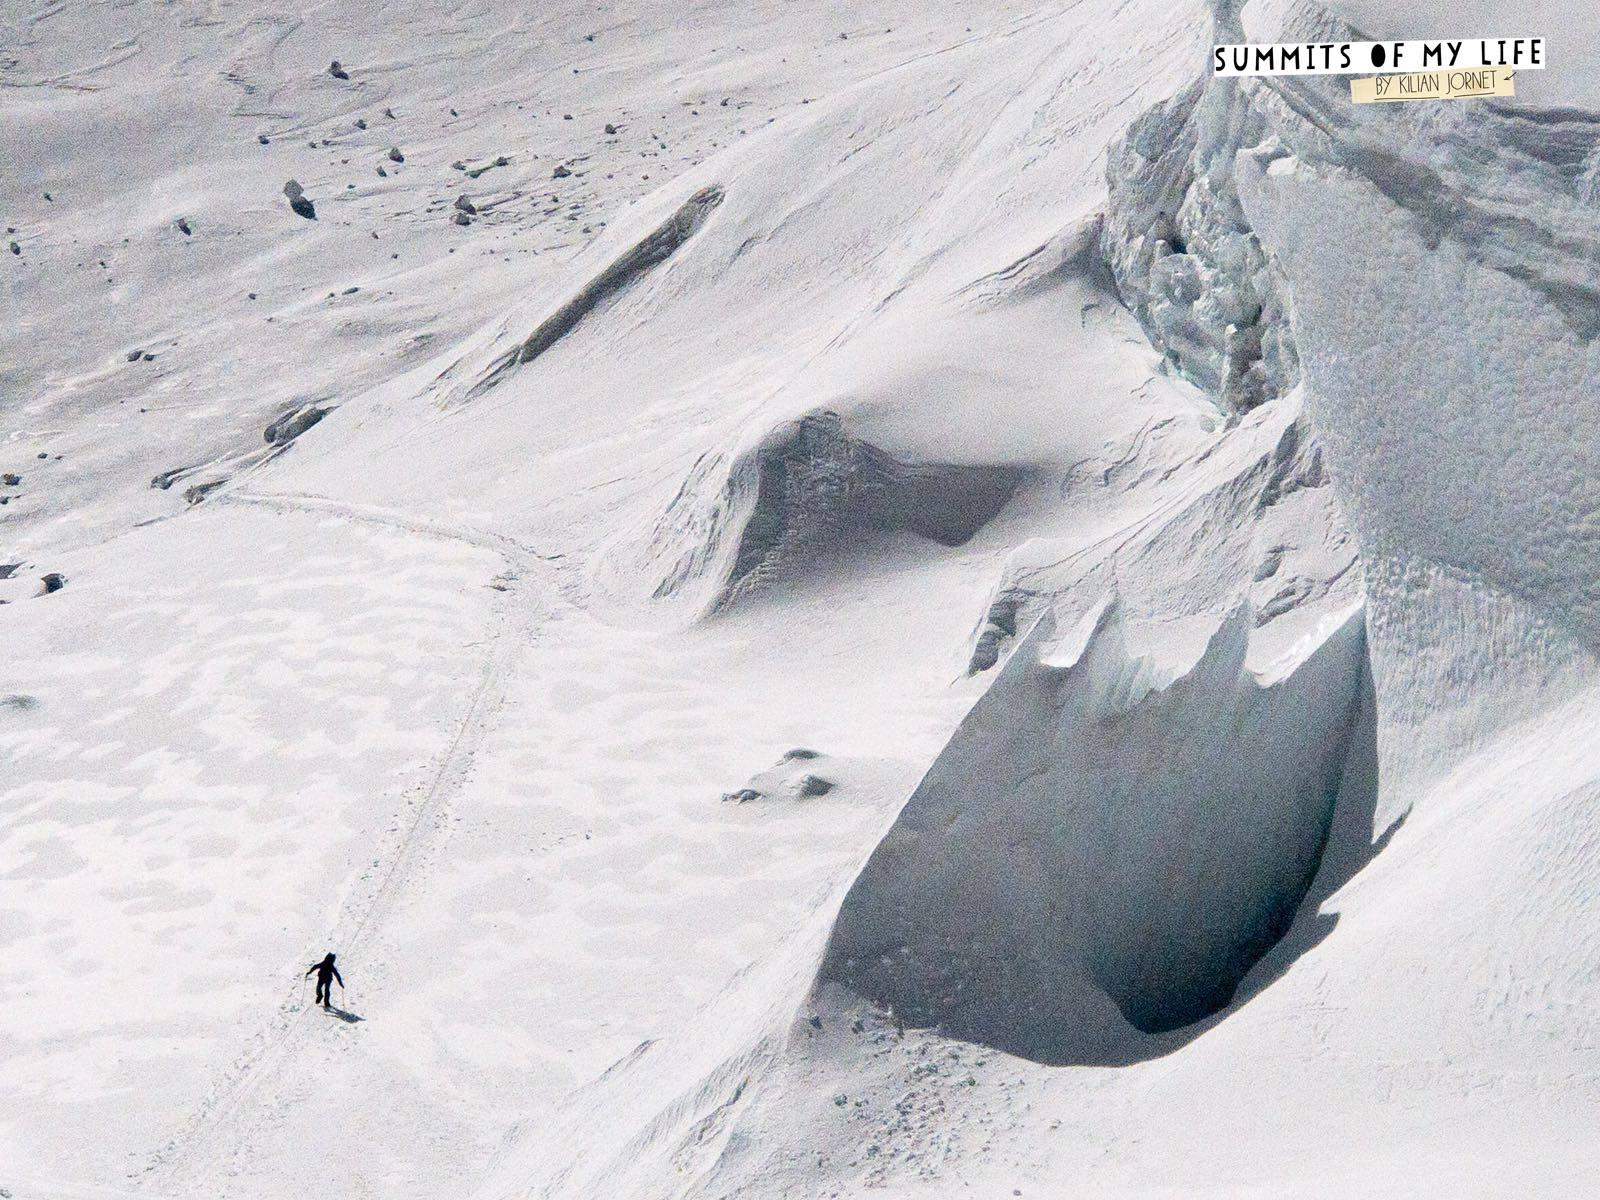 Kilian az Északi-nyereg felé haladva Forrás: Summits of My Life Facebook/Seb Montaz Studio